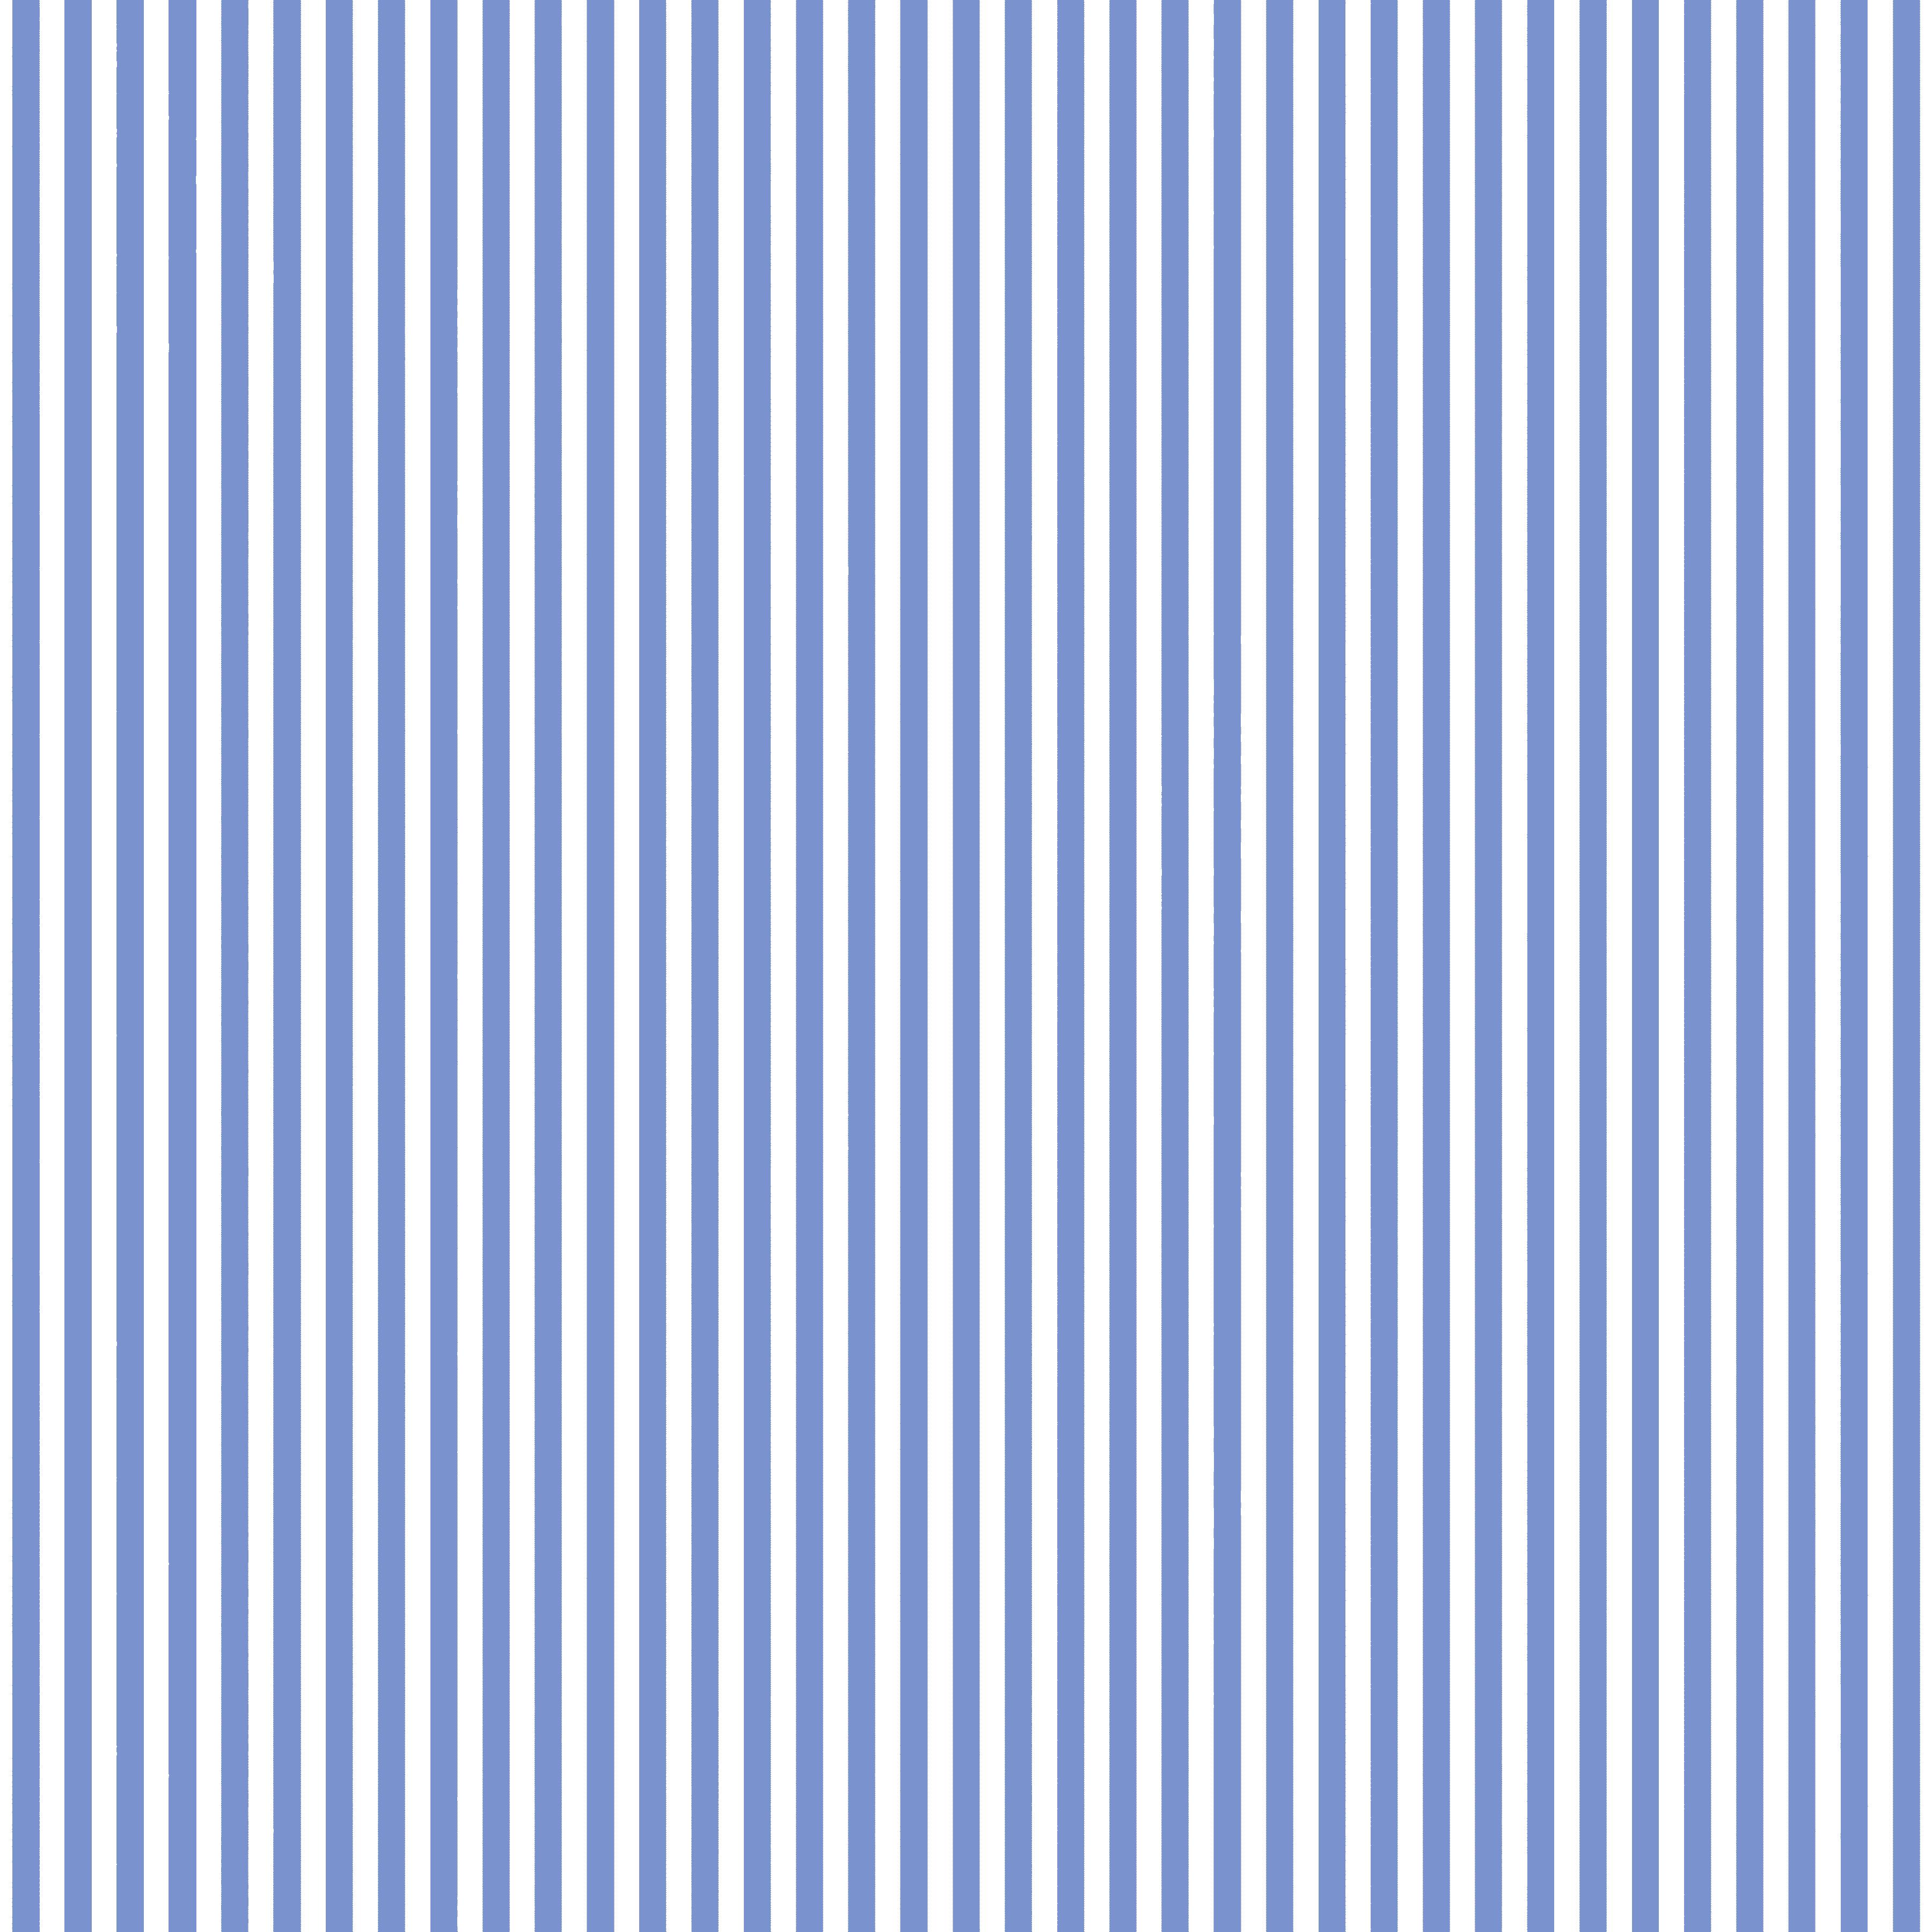 a7a8aadf28 Tricoline Estampado Listrado Azul SG1 • Tecido Tricoline Estampado tecidos  para patchwork estampa grande variedade em